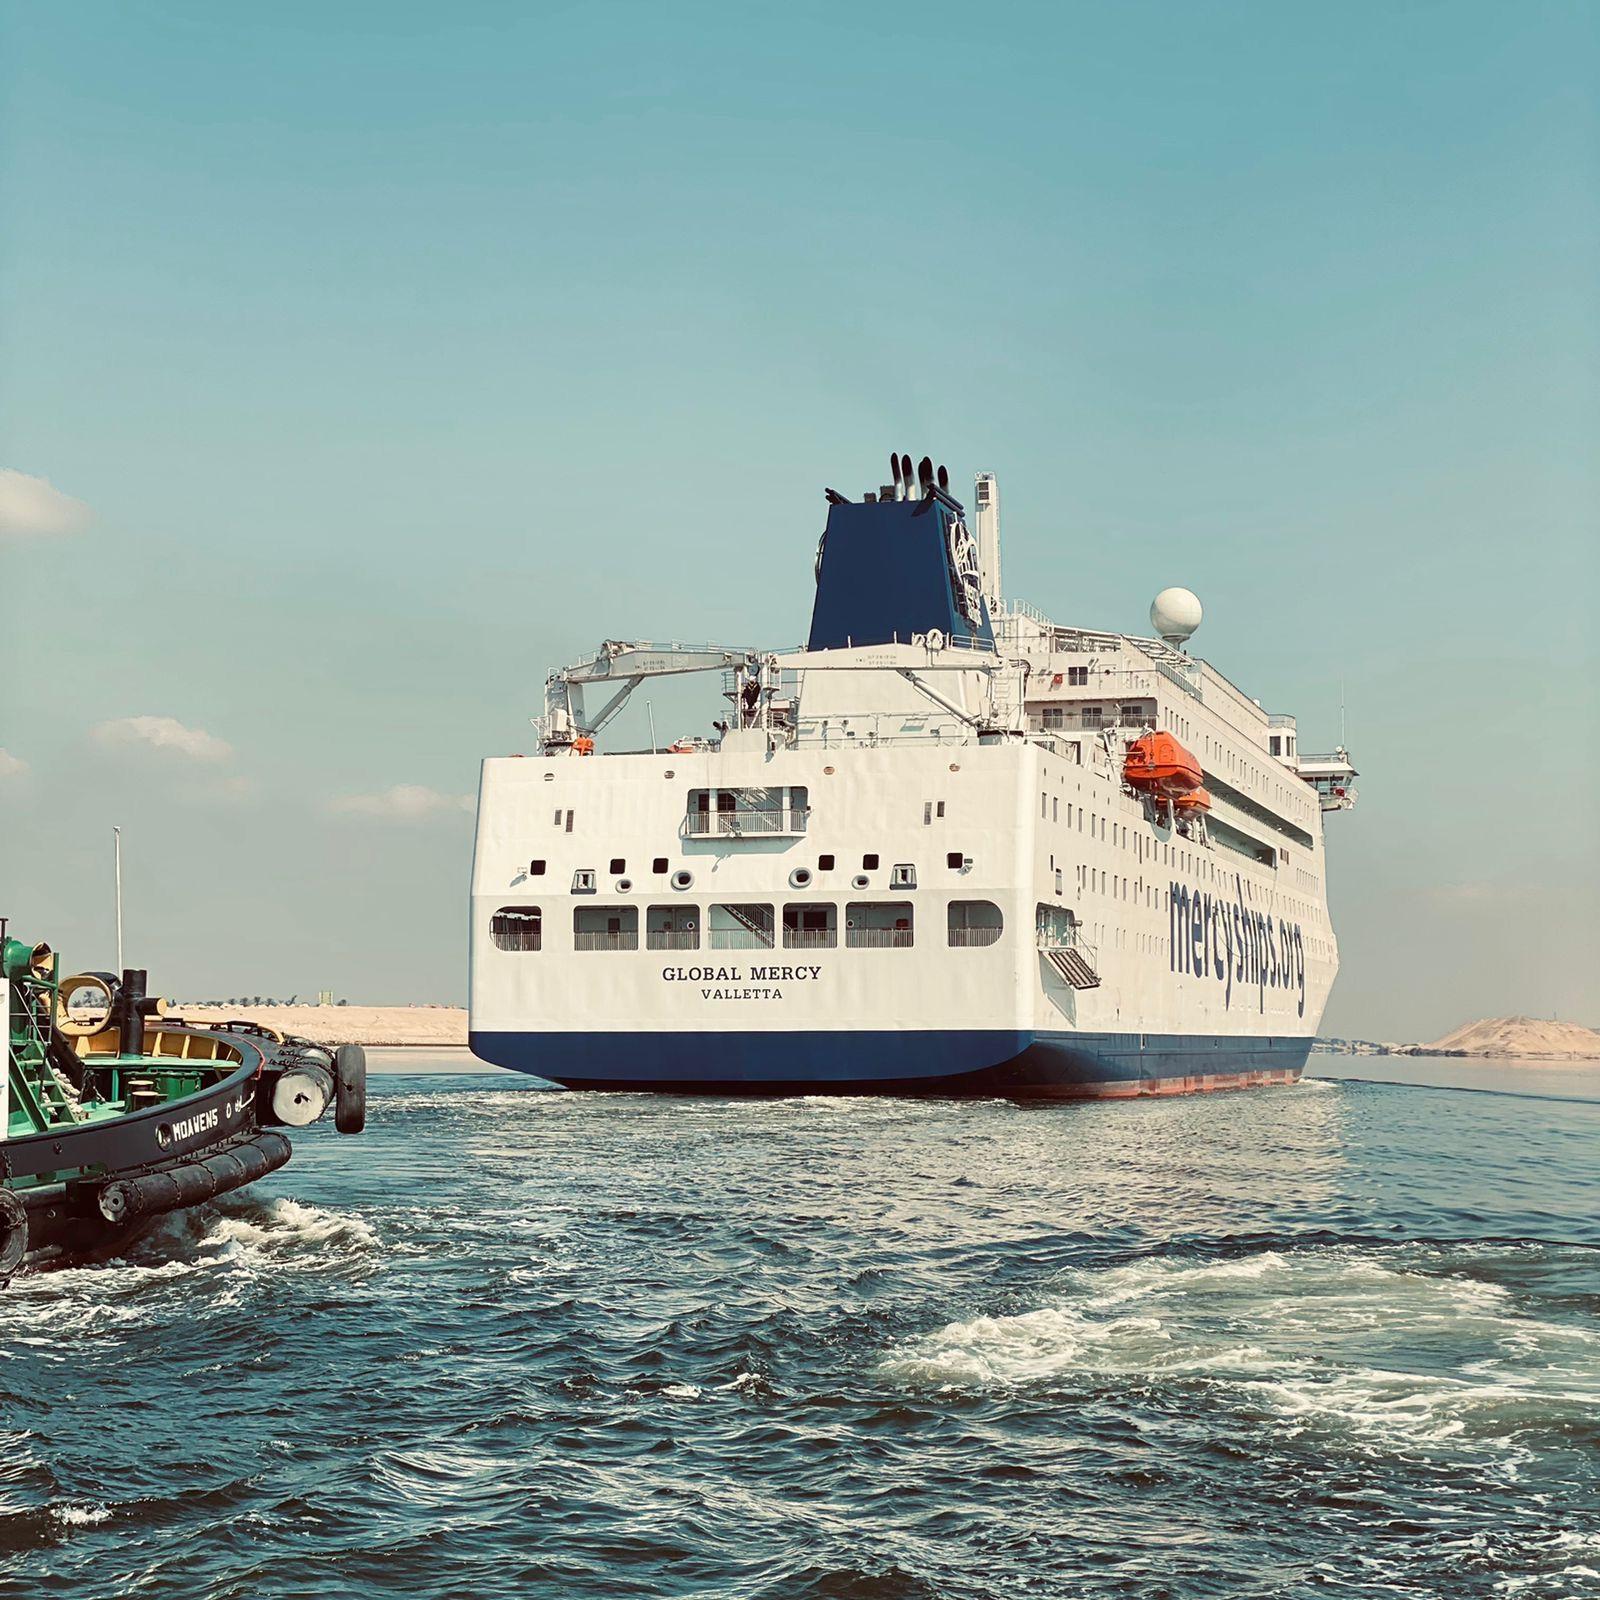 عبور أكبر مستشفى مدني في العالم عبر قناة السويس